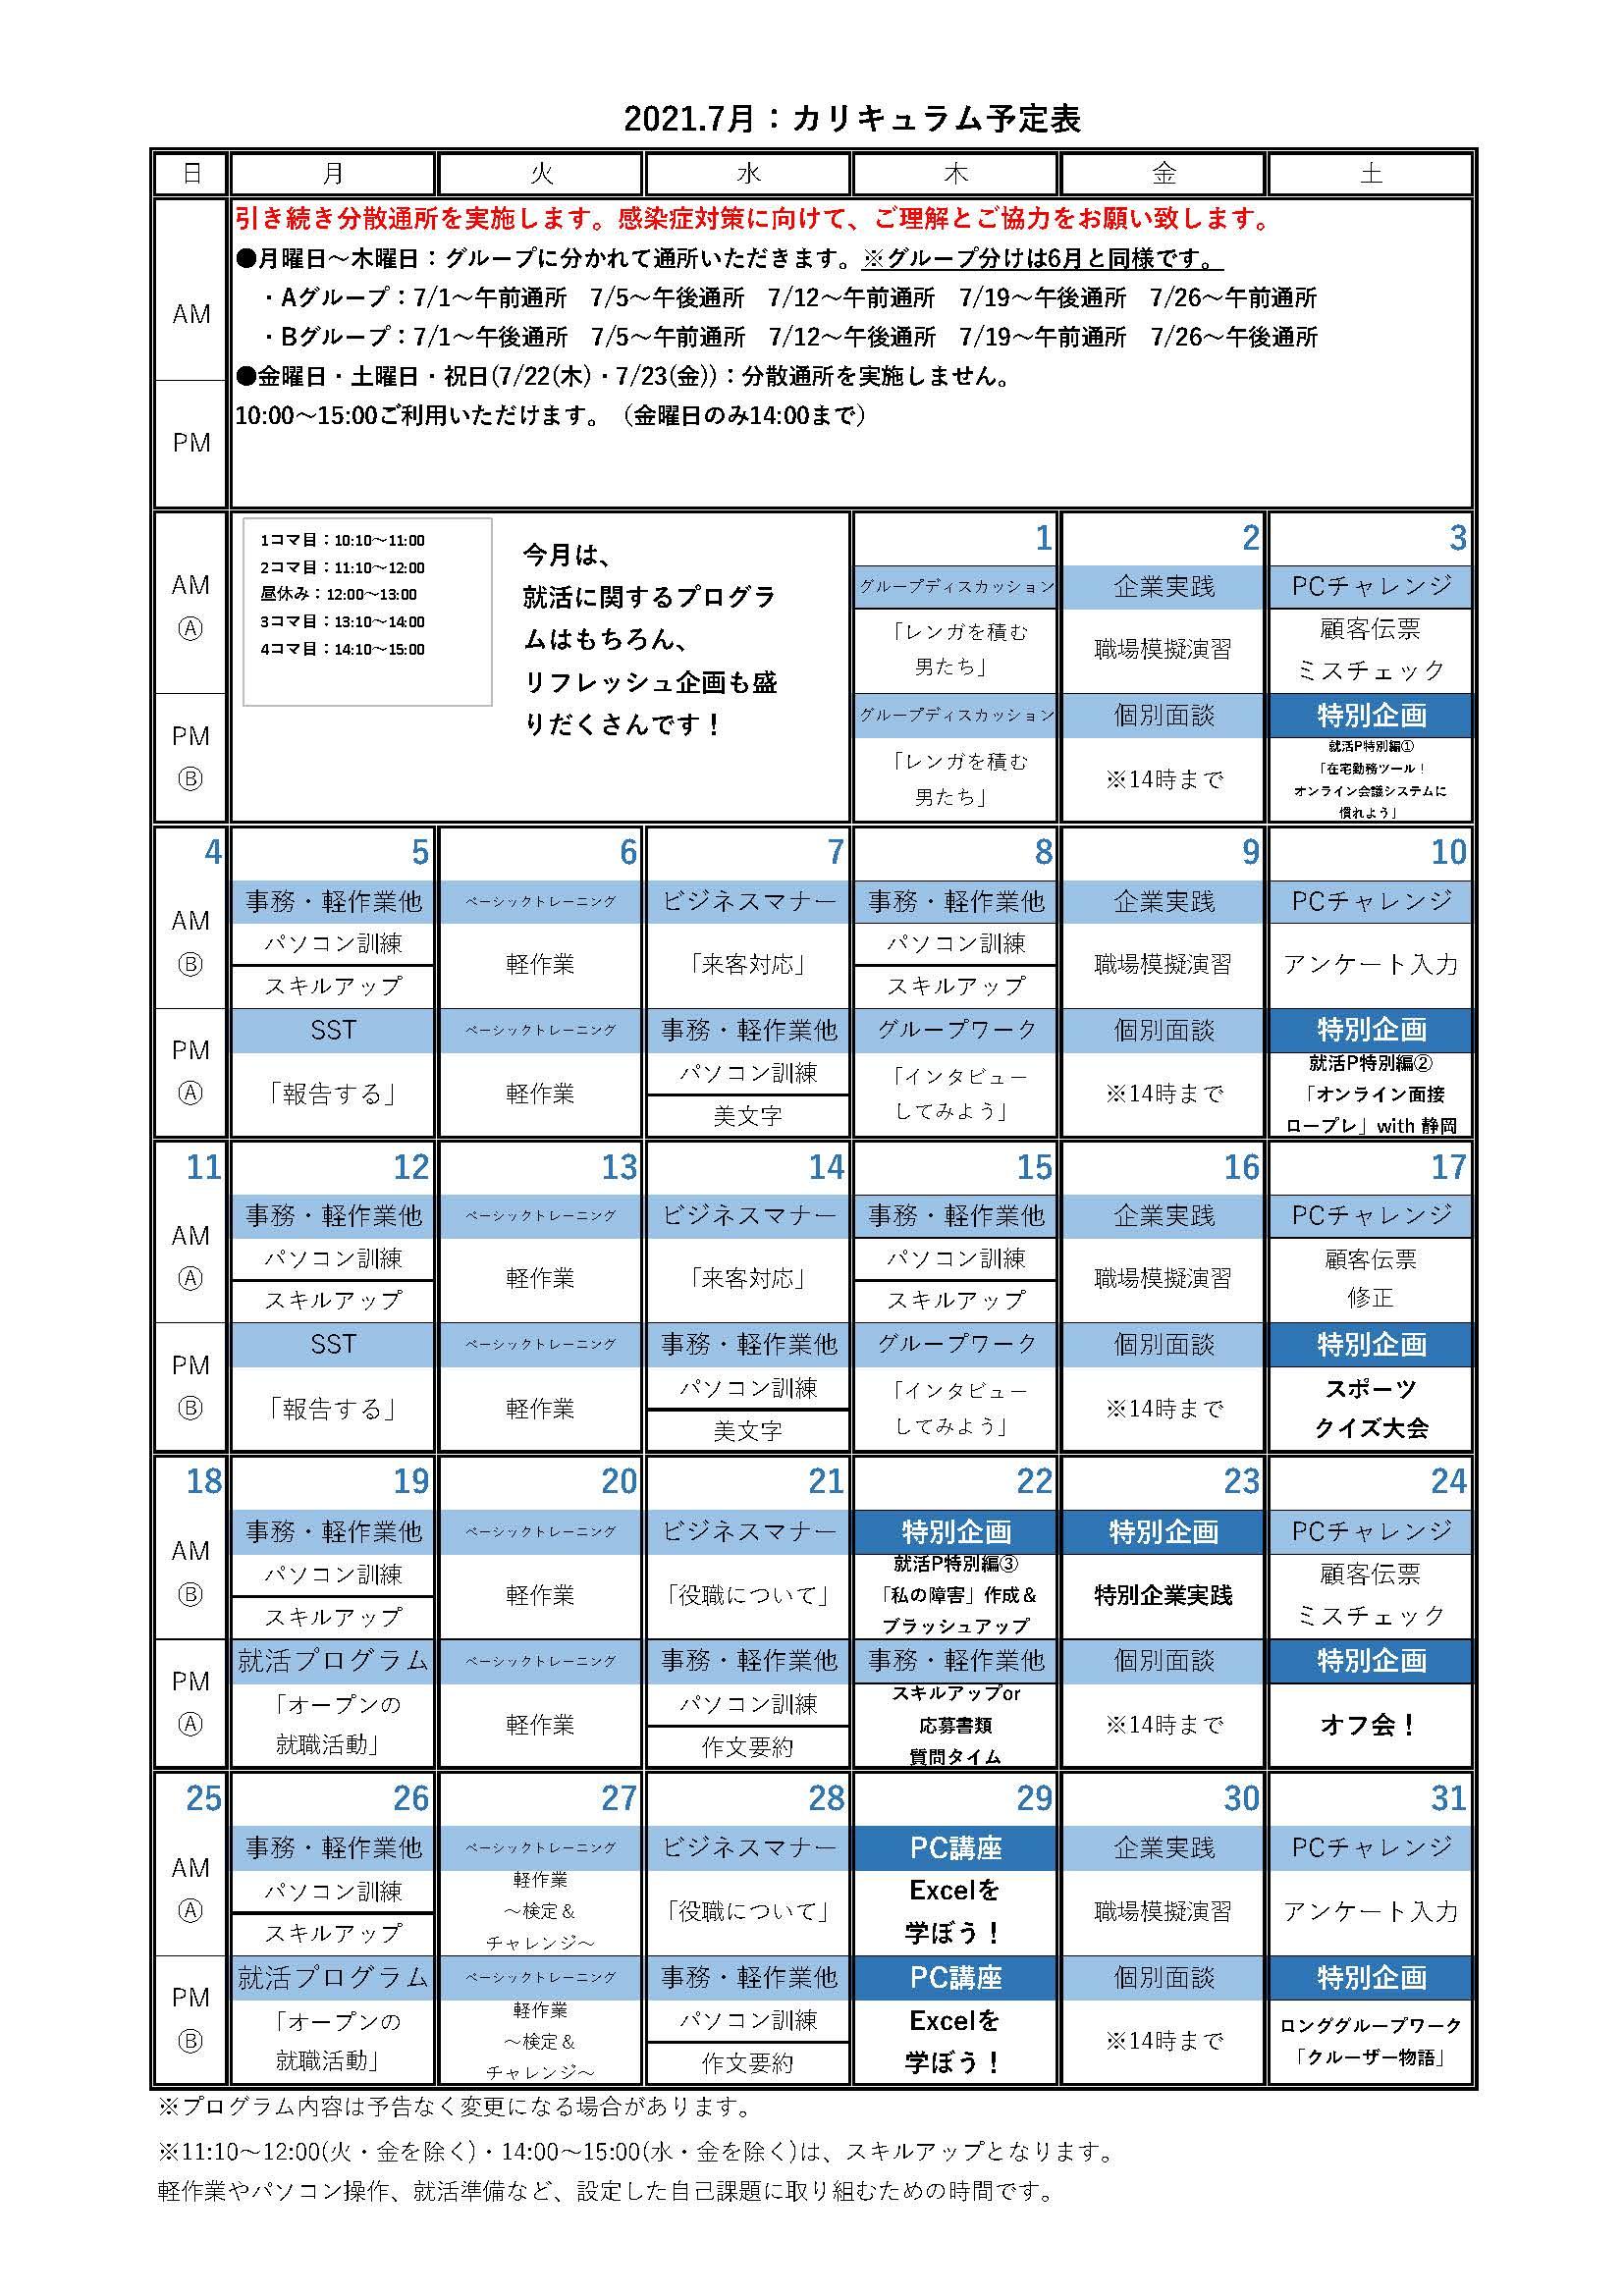 戸塚駅前センター7月プログラム表